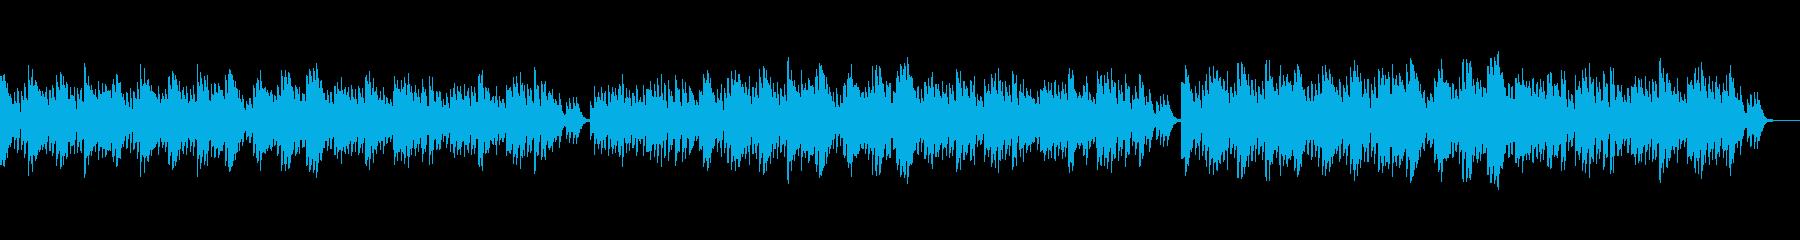 ハープとオルゴールを使って作った優しい曲の再生済みの波形